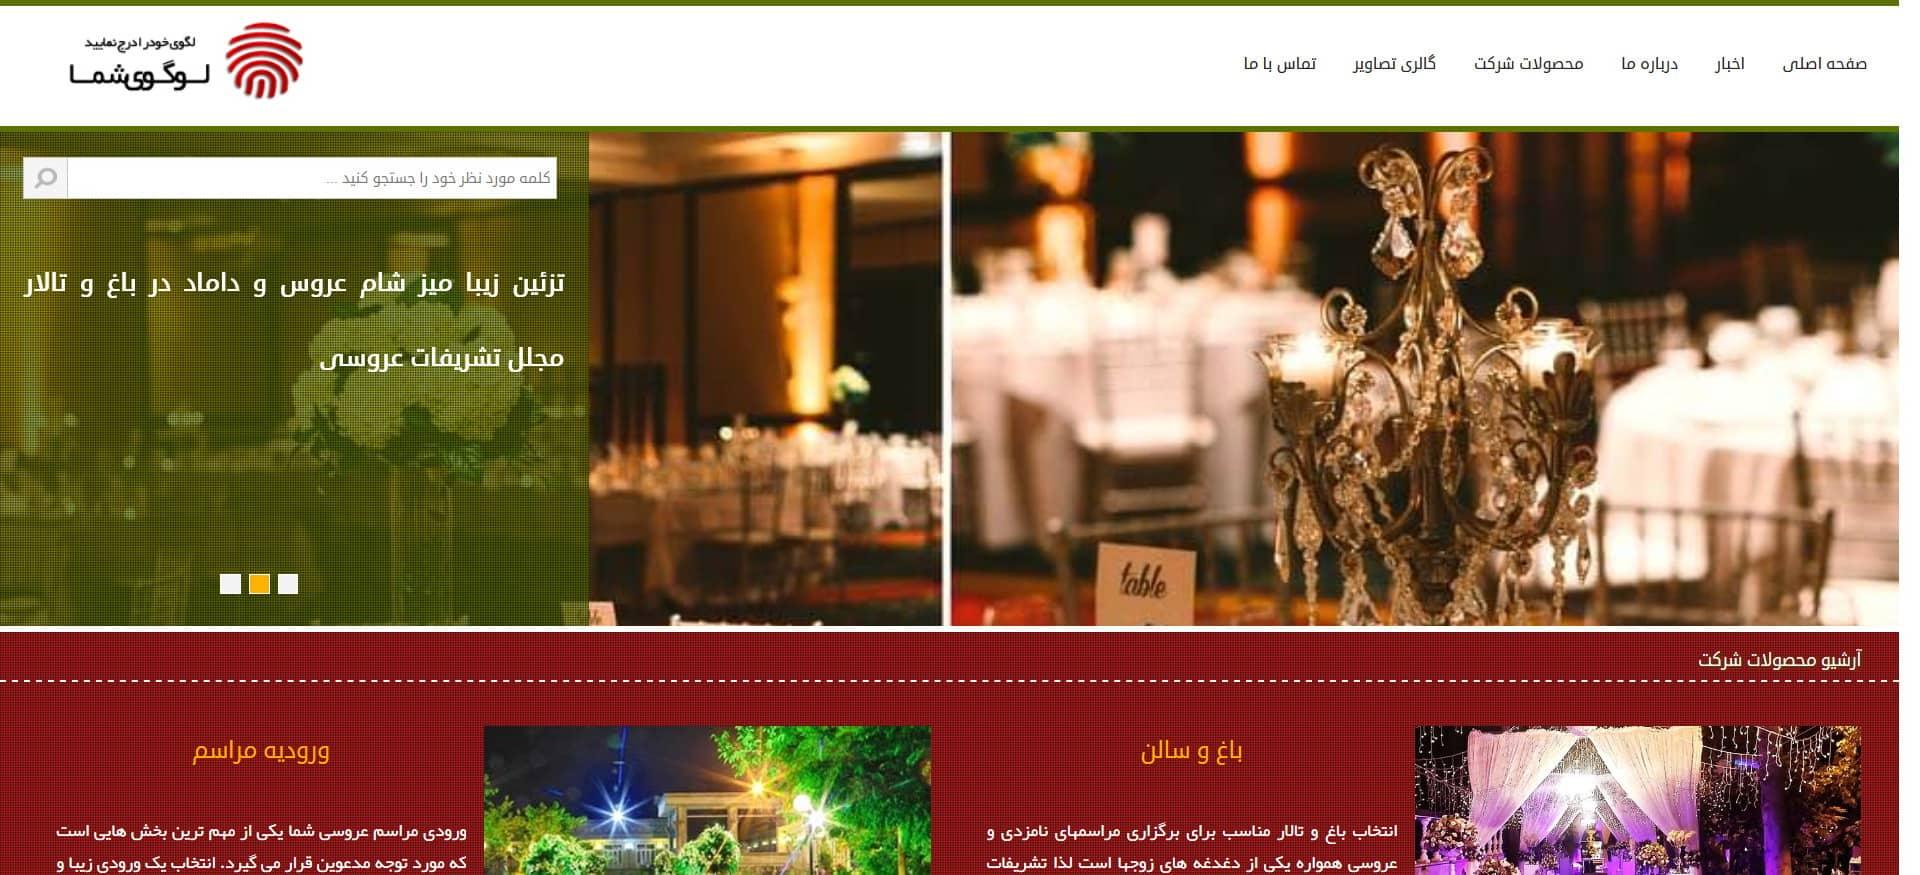 وب سایت شرکتی تجاری رامان